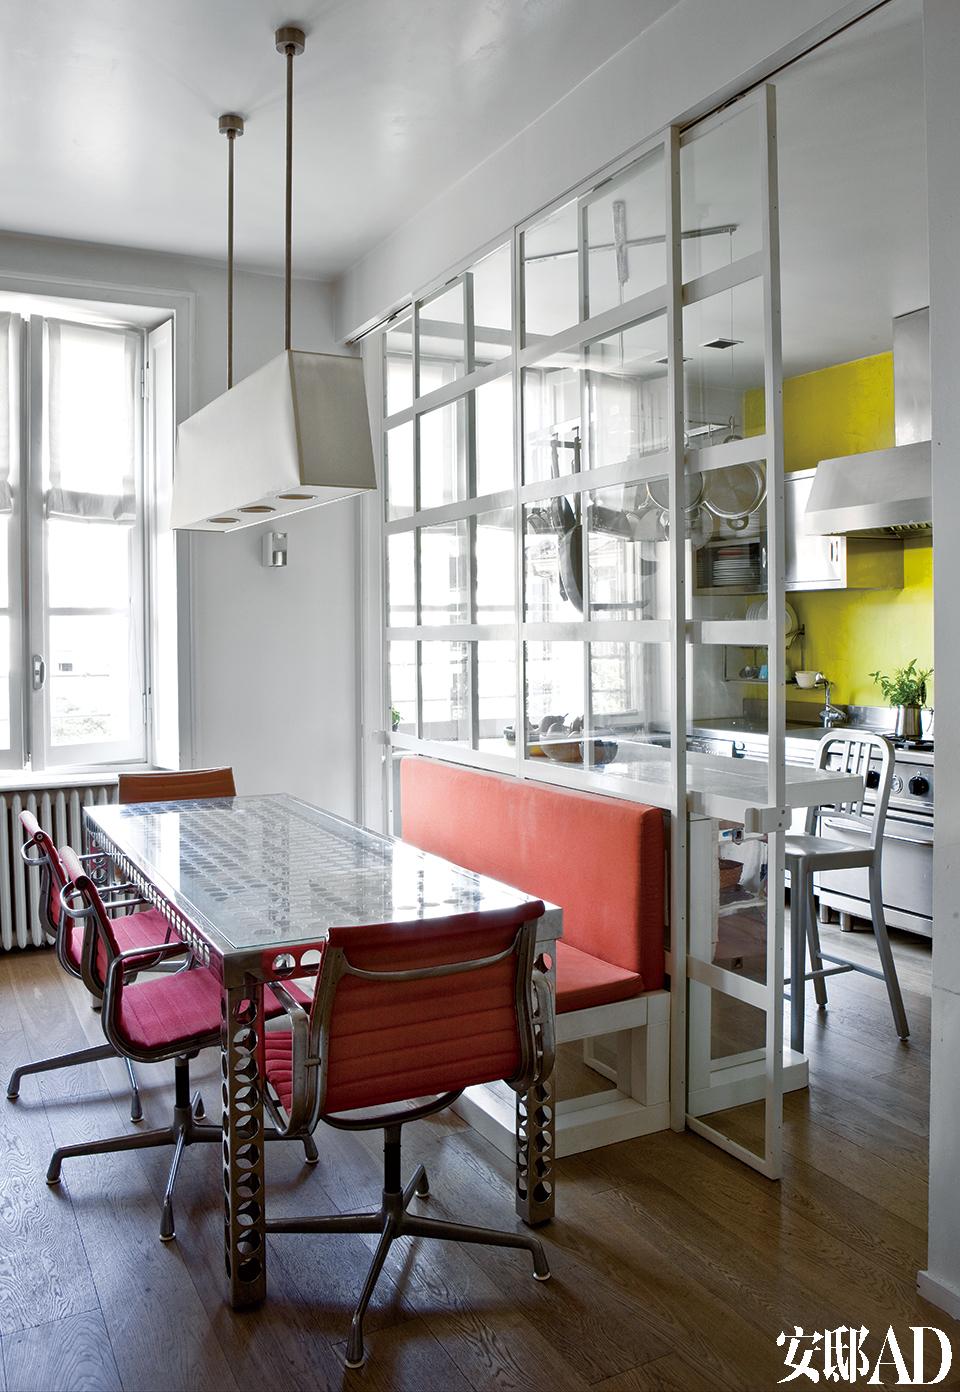 起居室和厨房的中间地带,桌子和长凳由Jacopo设计,Fratelli Bianchi制作。红色的椅子是Eames的设计,Vitra生产。